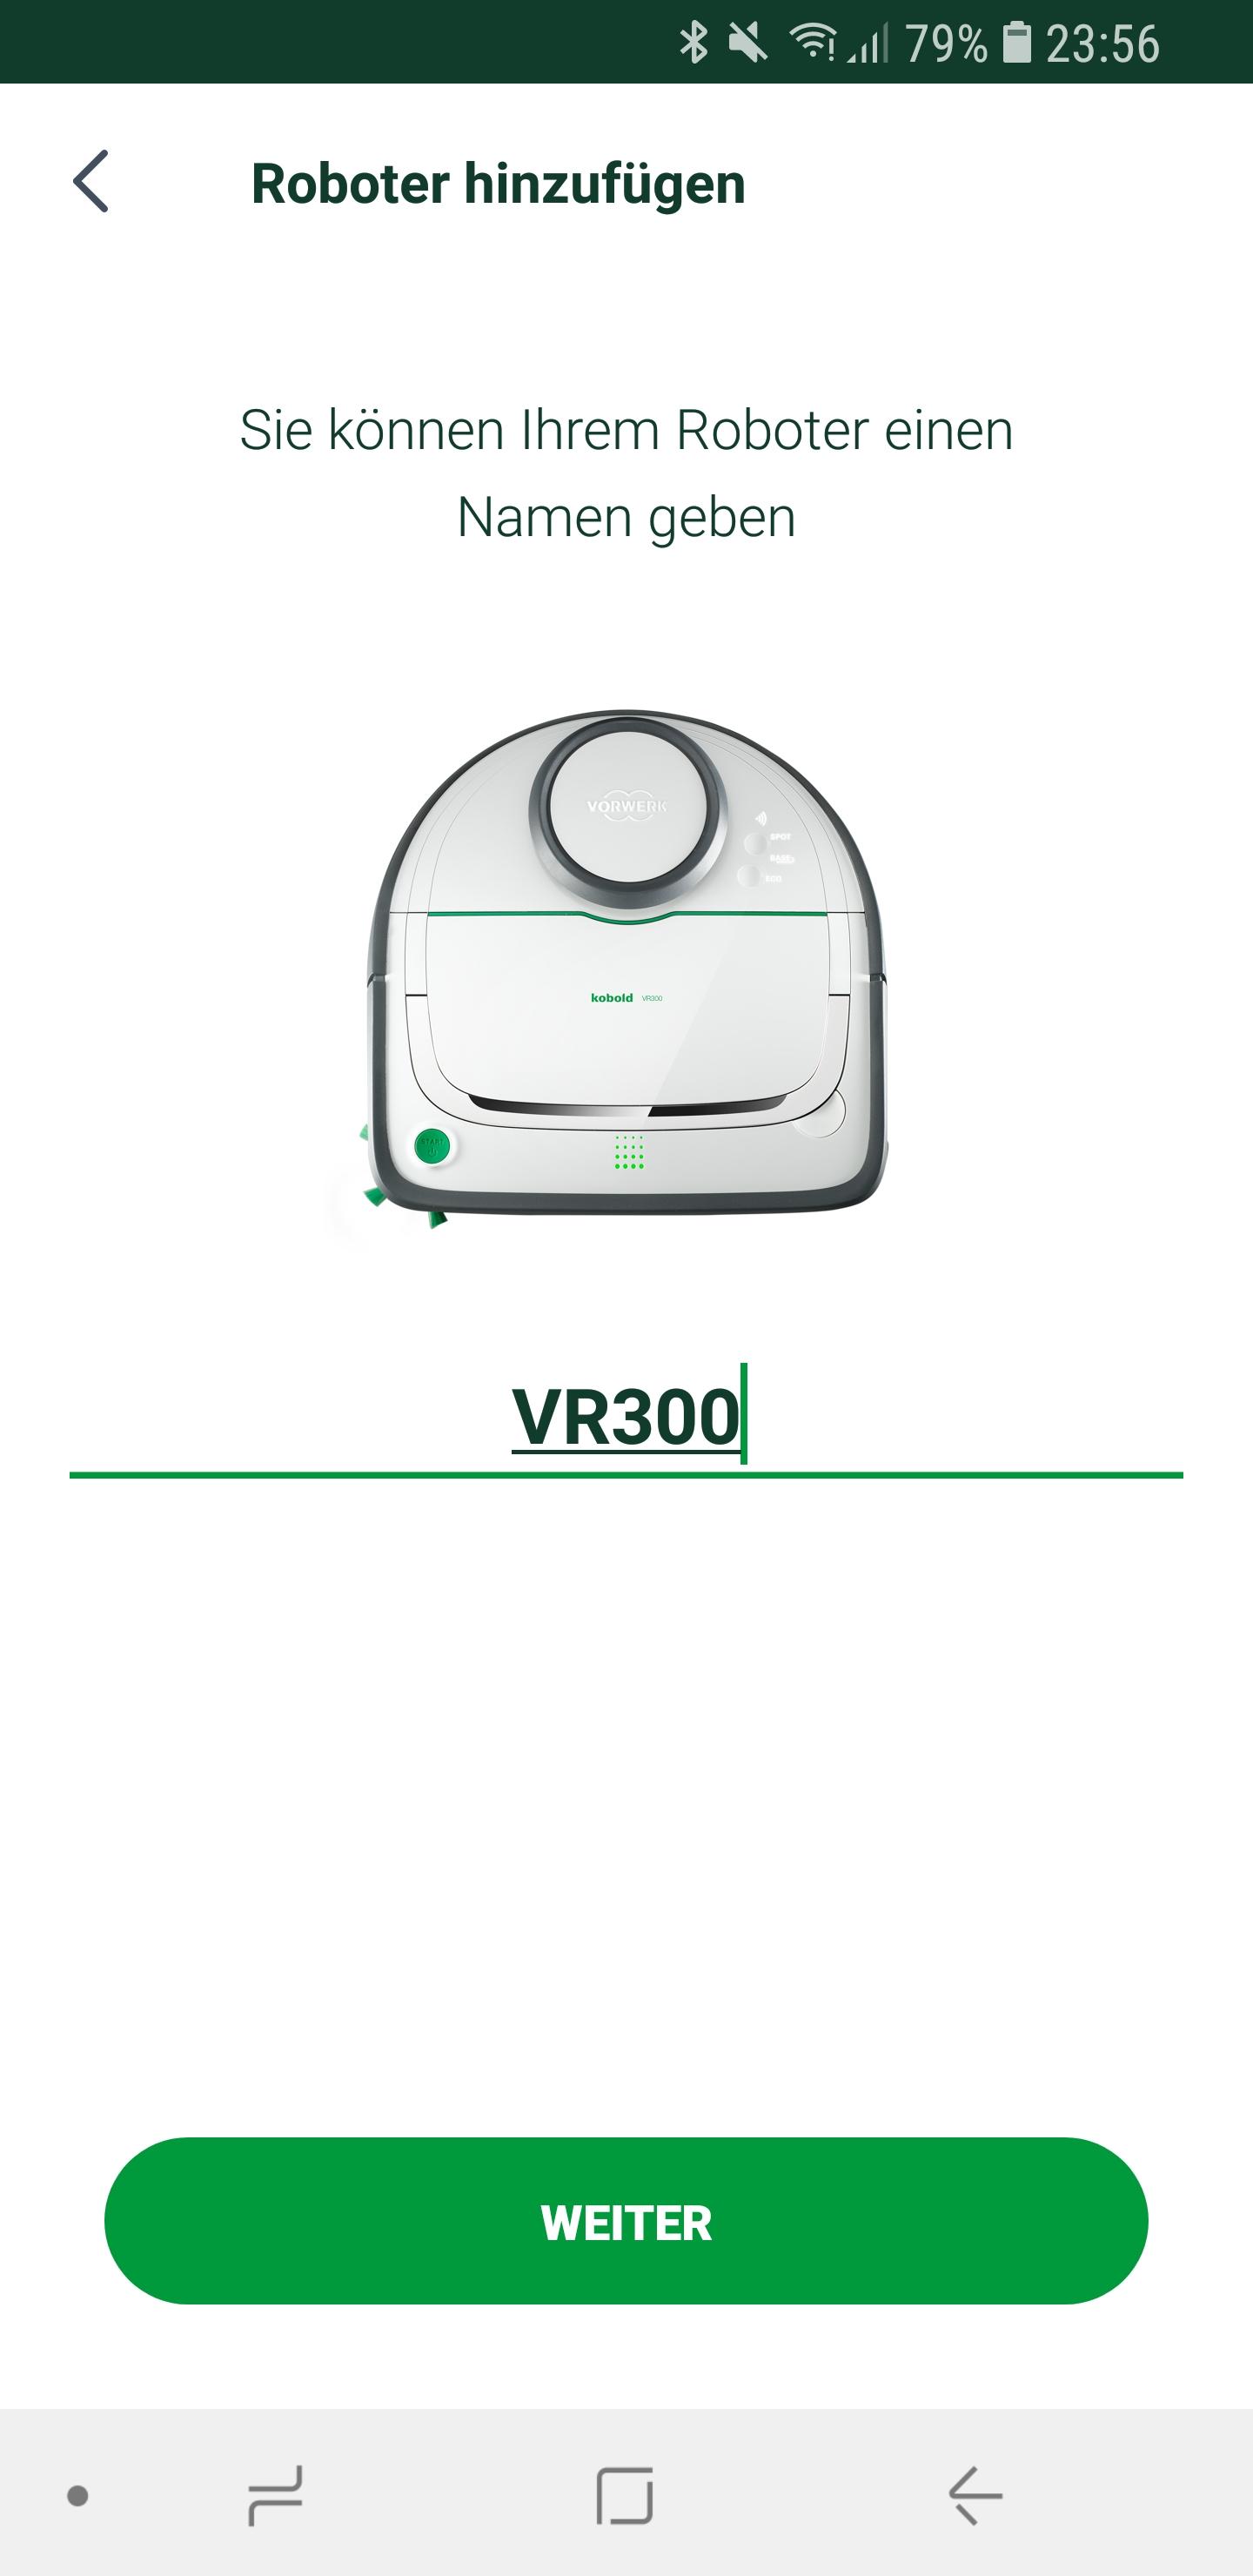 Vorwerk-Kobold-VR300-Einrichten-13